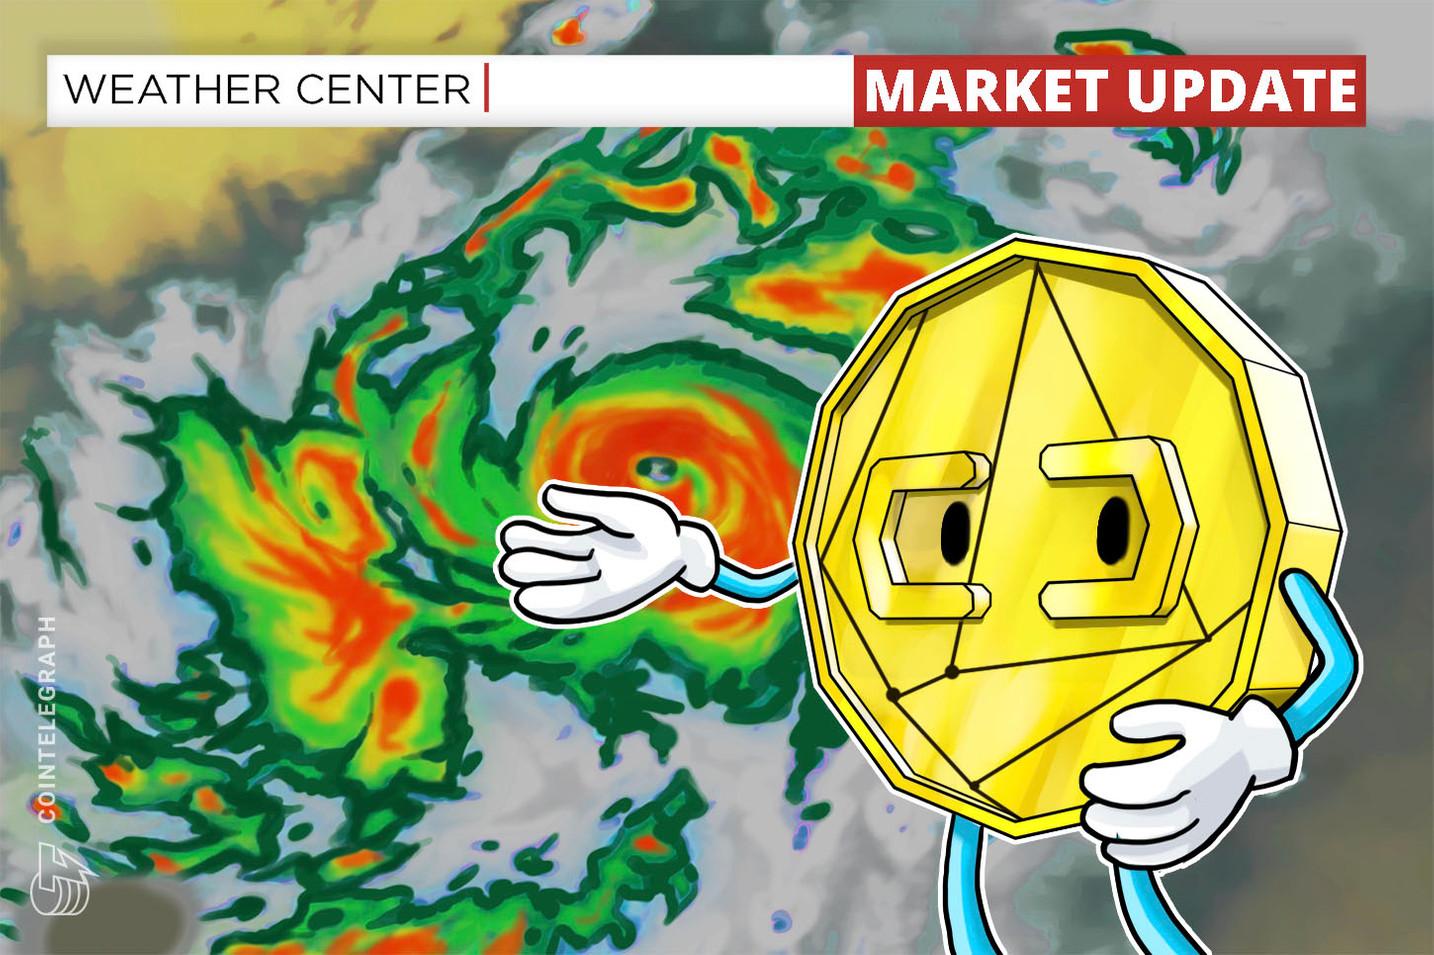 Los mercados están en calma ya que la mayoría de las monedas principales reportan pequeñas ganancias, Bitcoin se mantiene por debajo de los USD 3.500